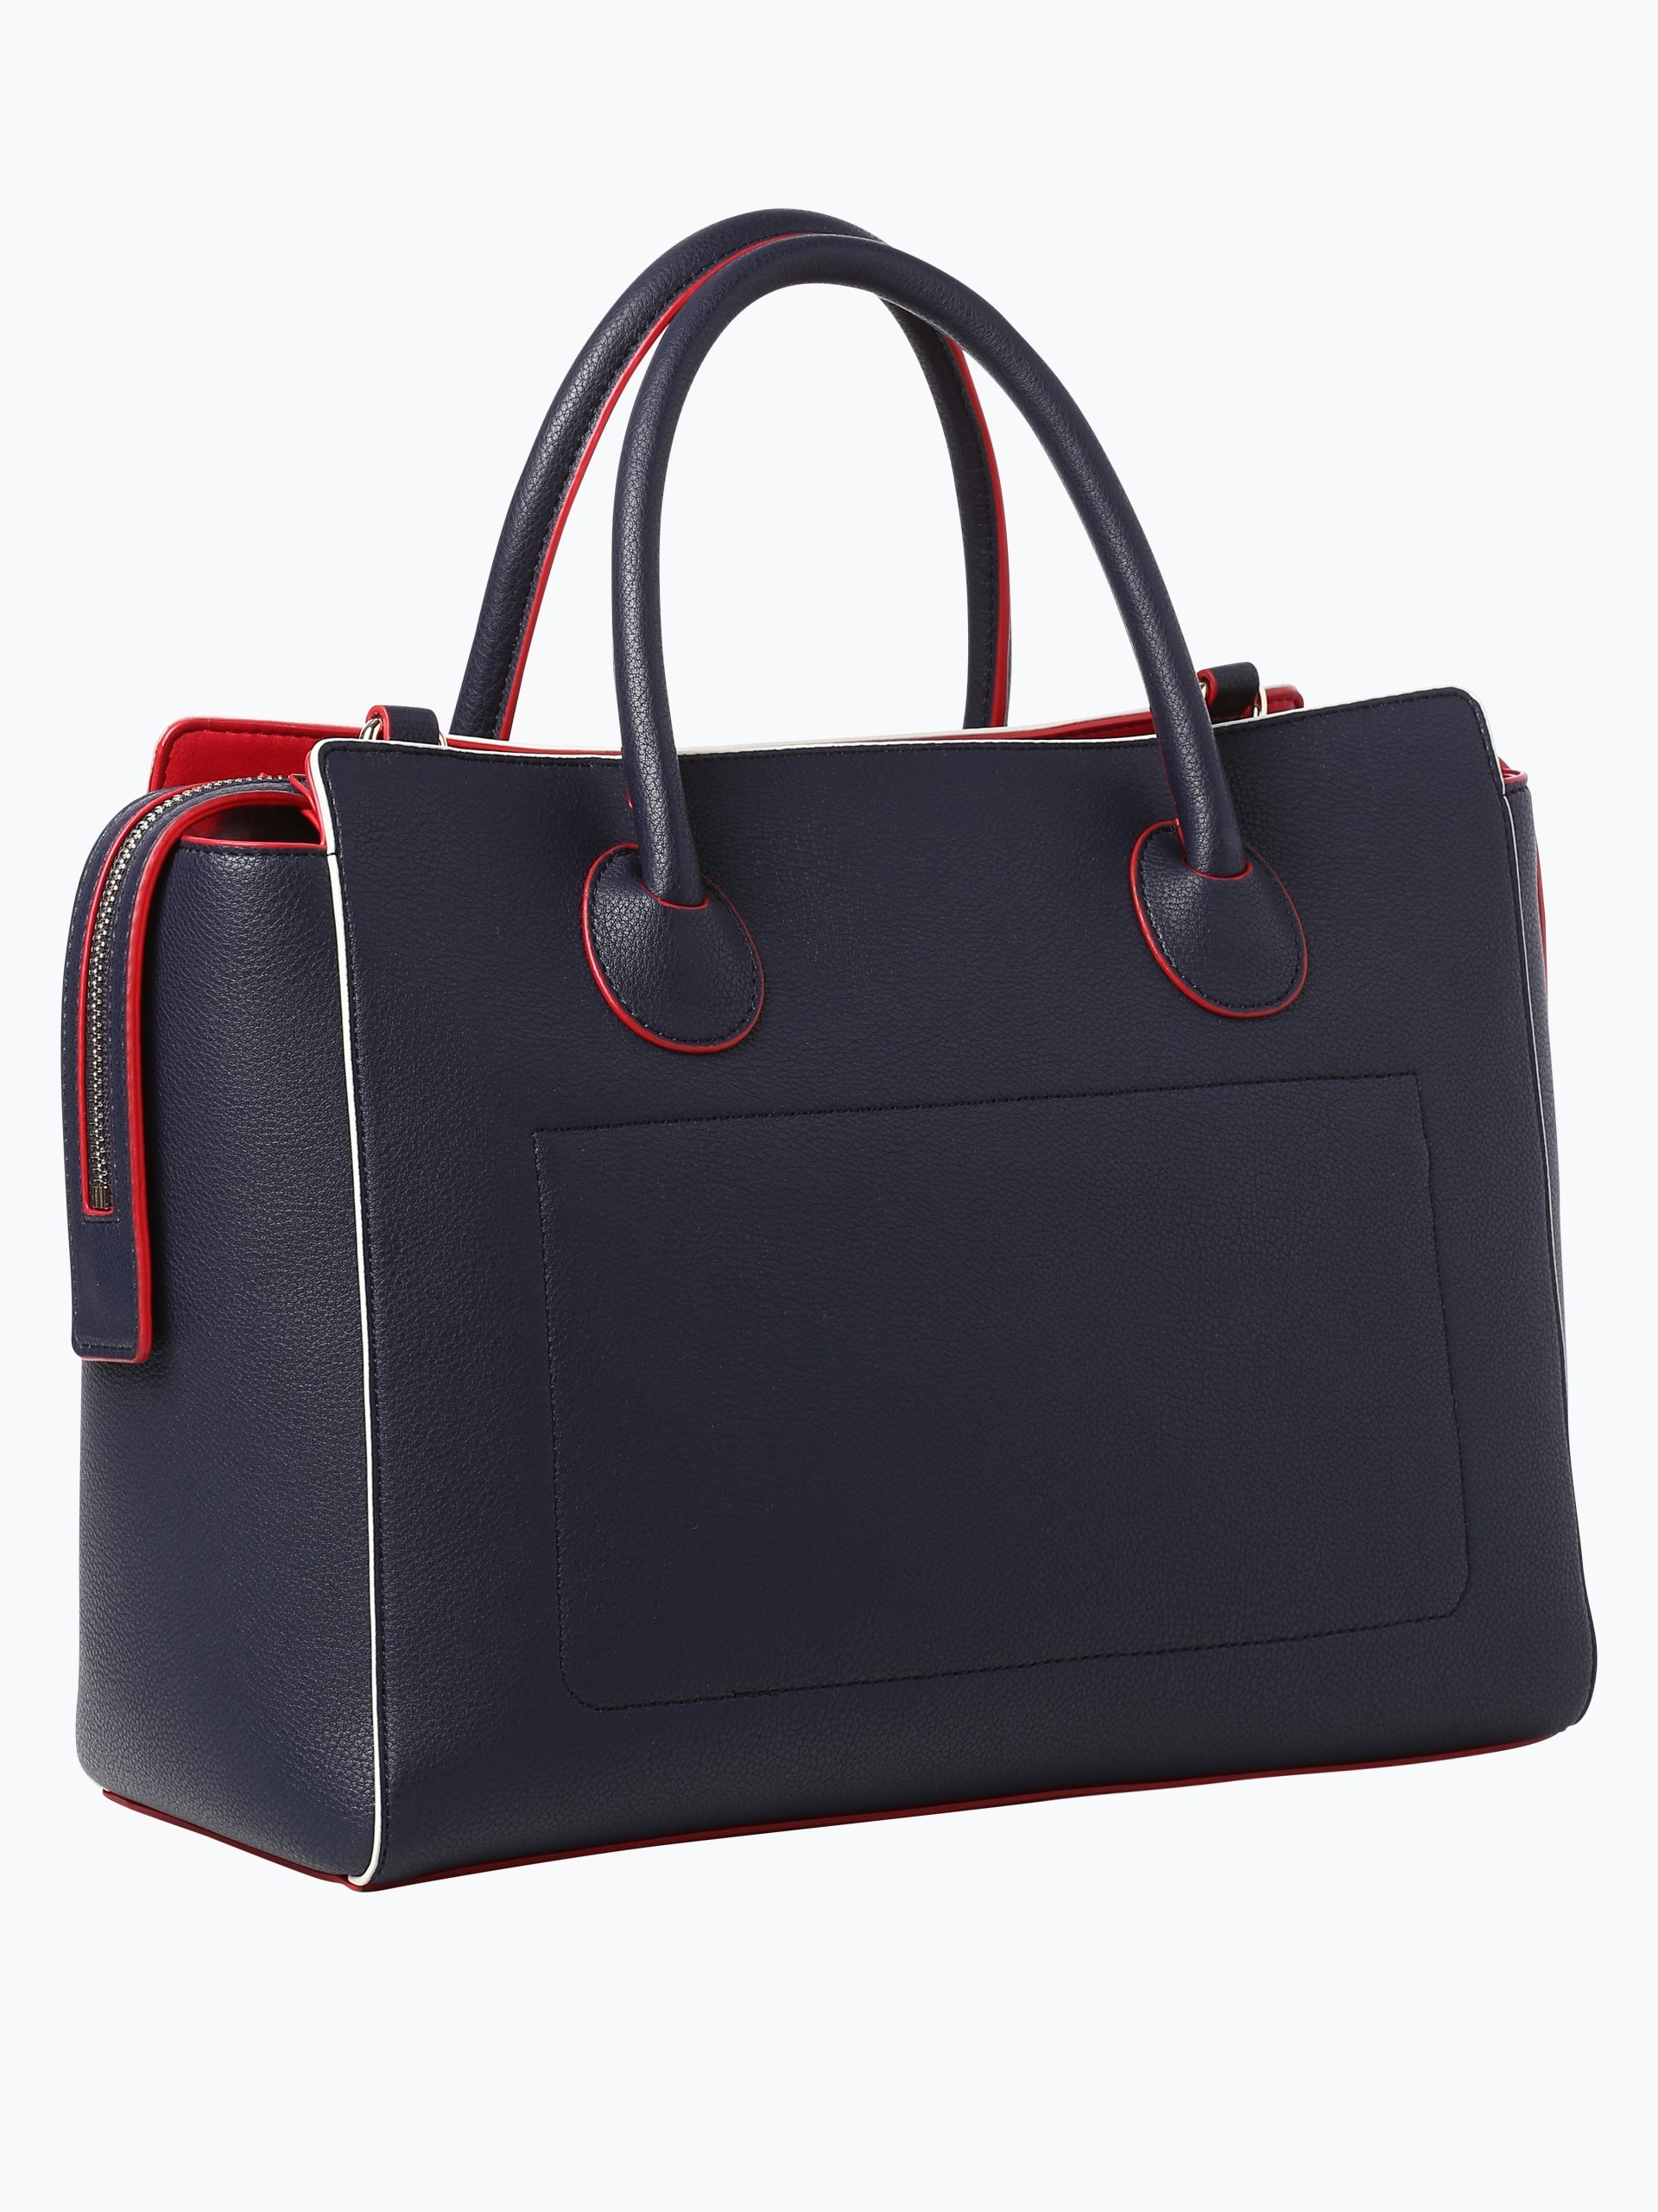 tommy hilfiger damen handtasche marine uni online kaufen. Black Bedroom Furniture Sets. Home Design Ideas